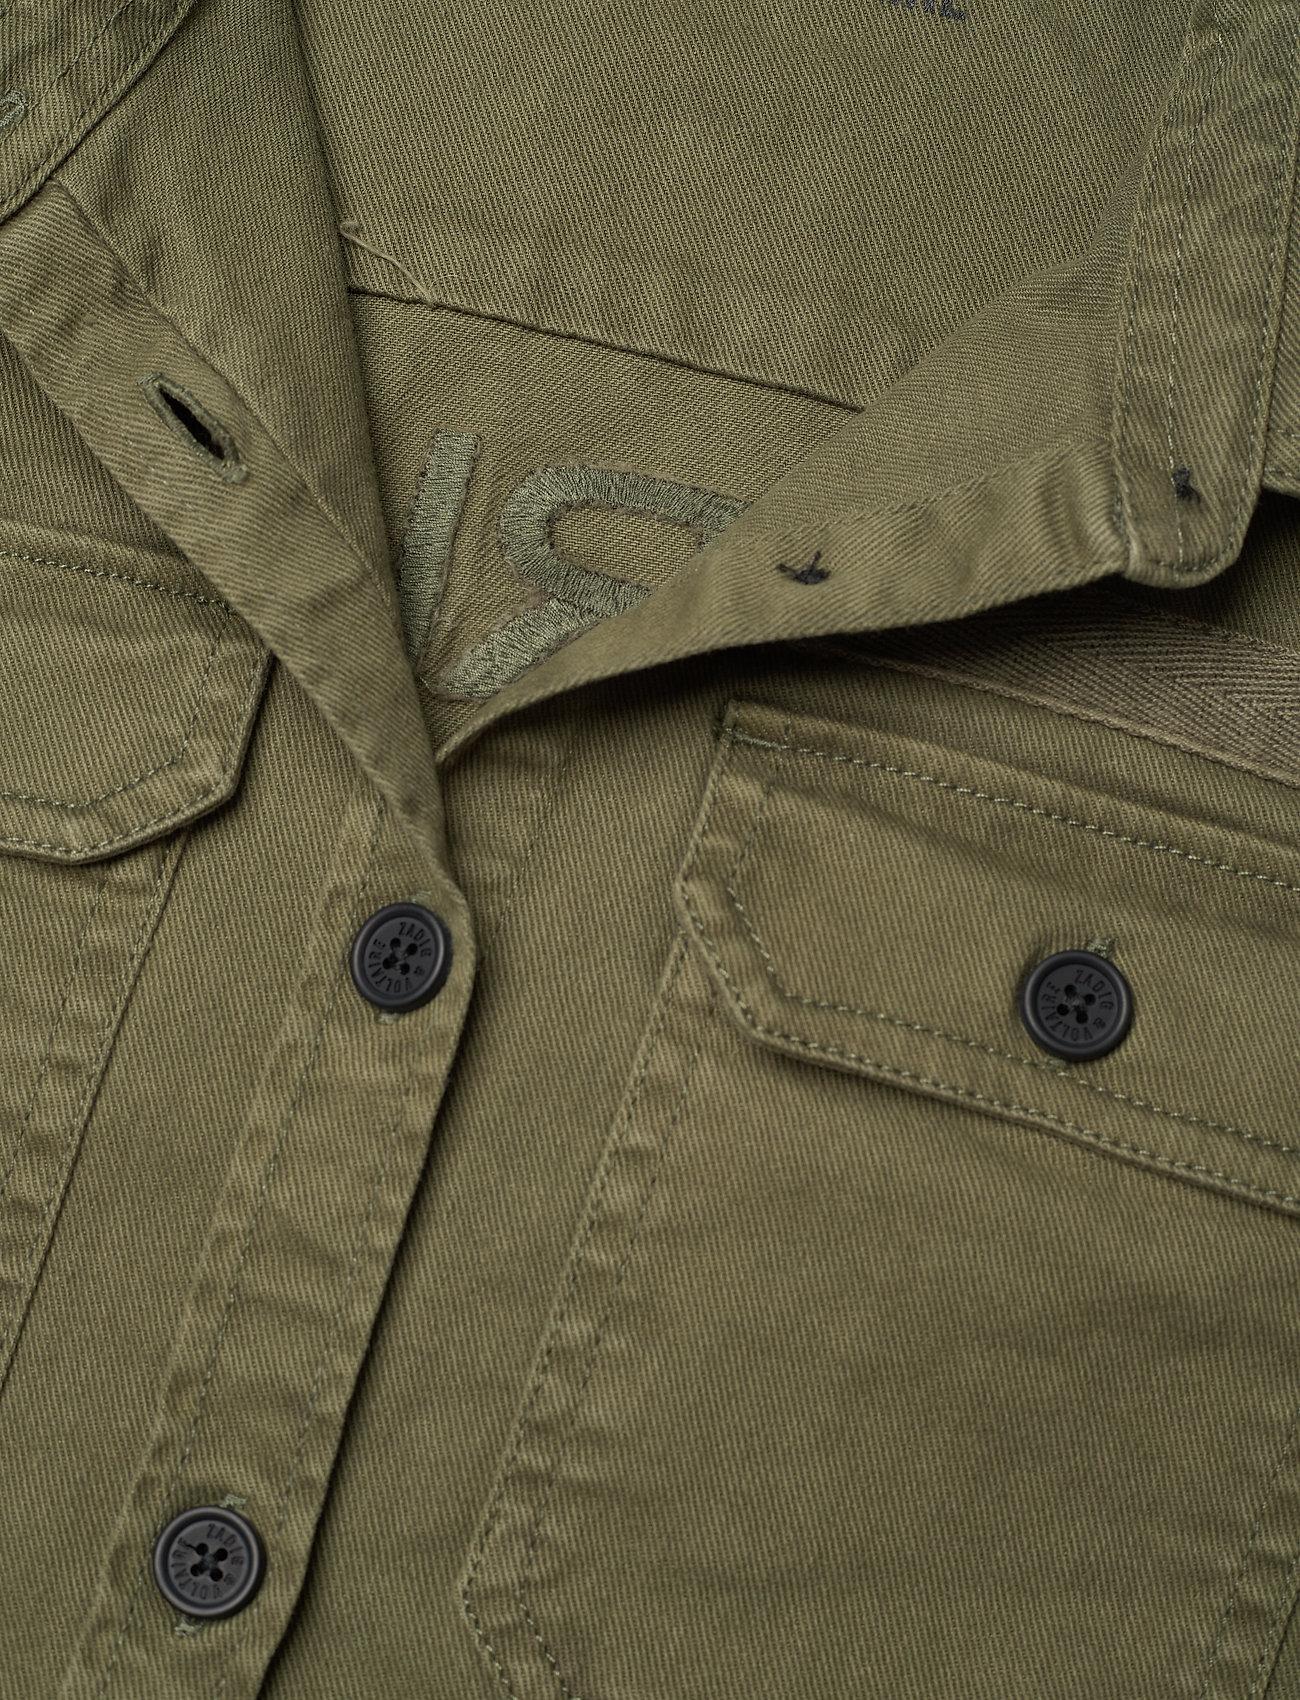 Shirt (Khaki) (61.10 €) - Zadig & Voltaire Kids hpFur